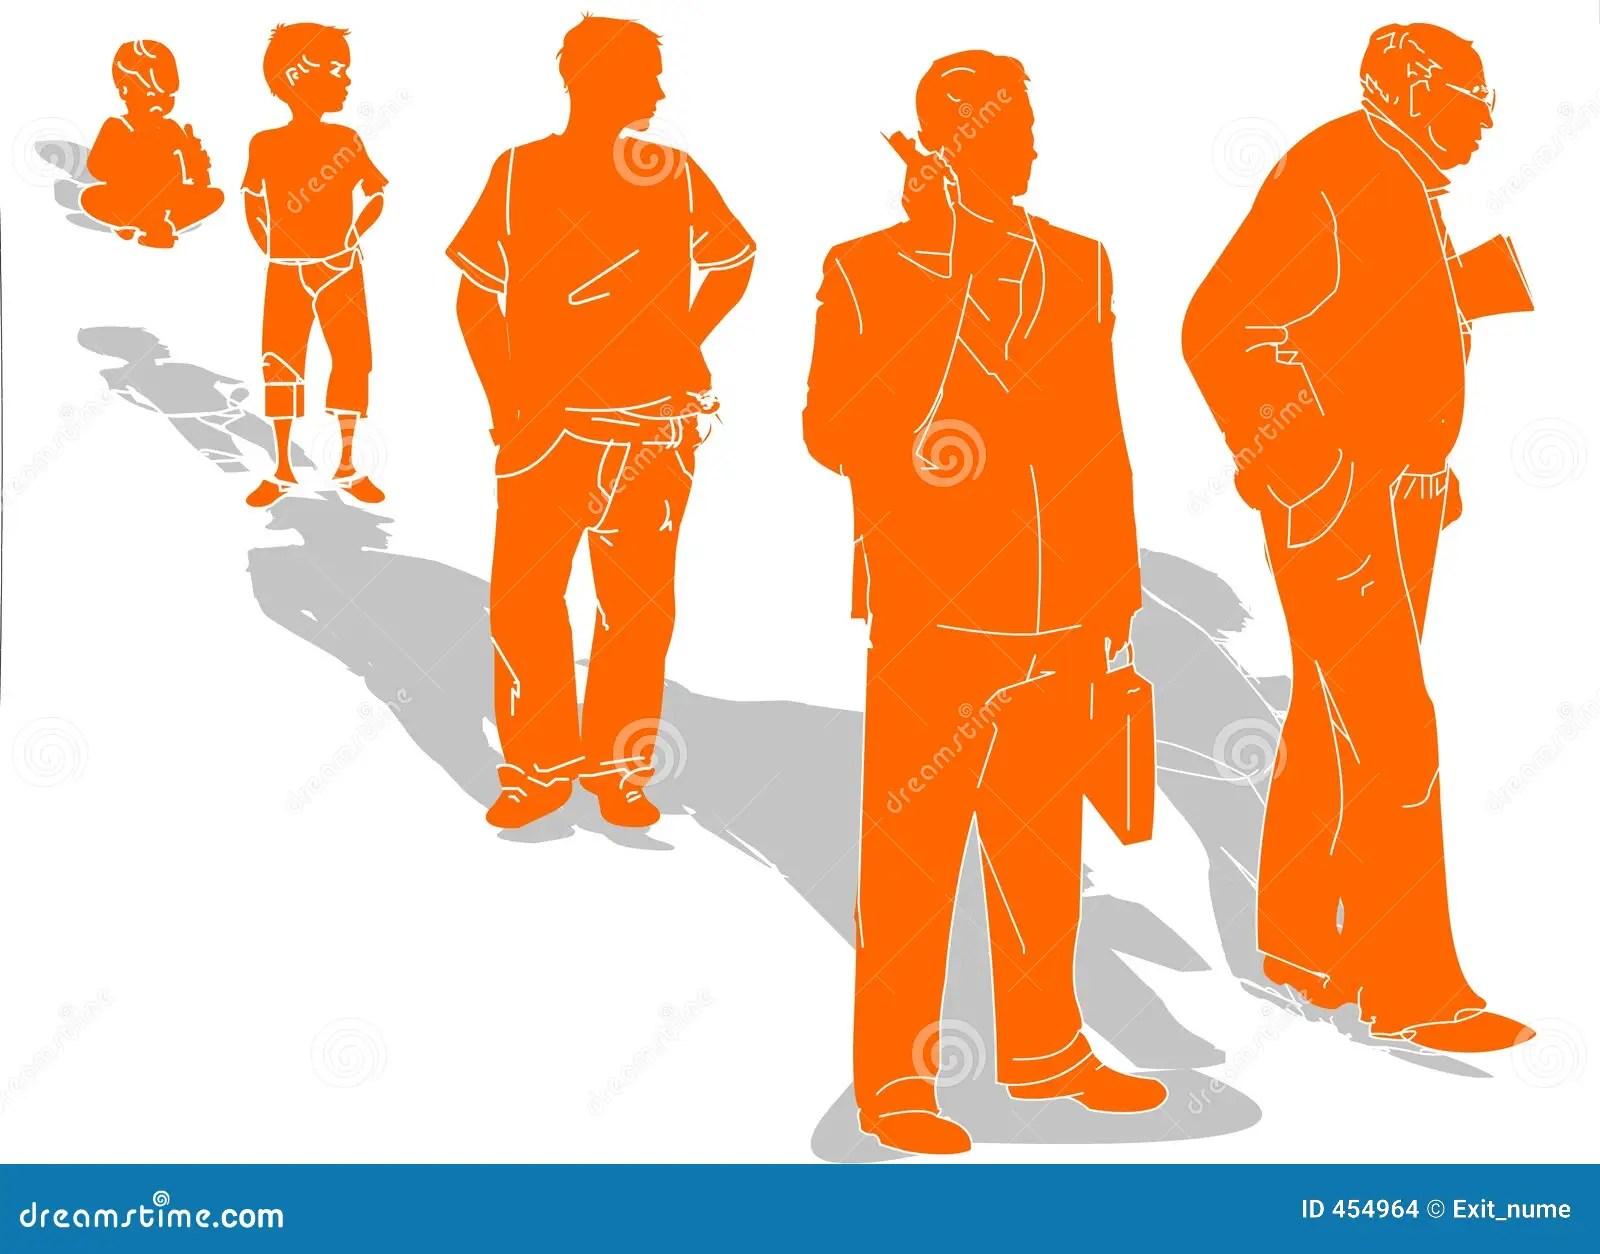 Évolution De La Durée D'un Homme Images Stock  Image 454964